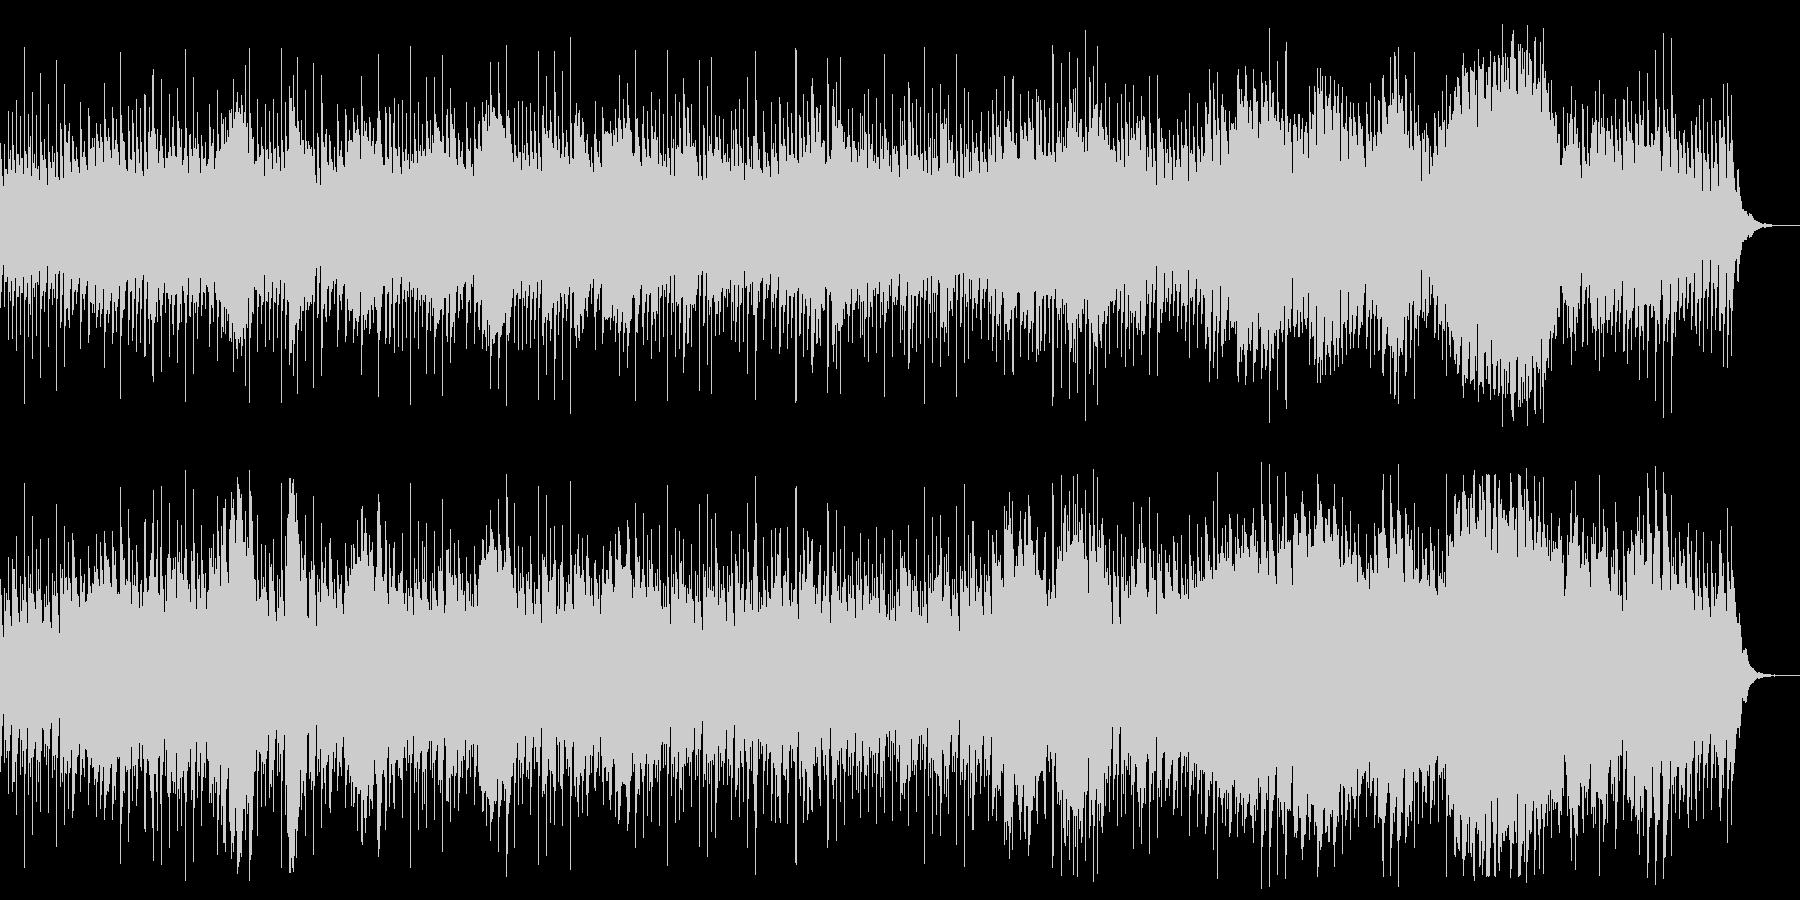 海中の原始的な生物をイメージした曲の未再生の波形